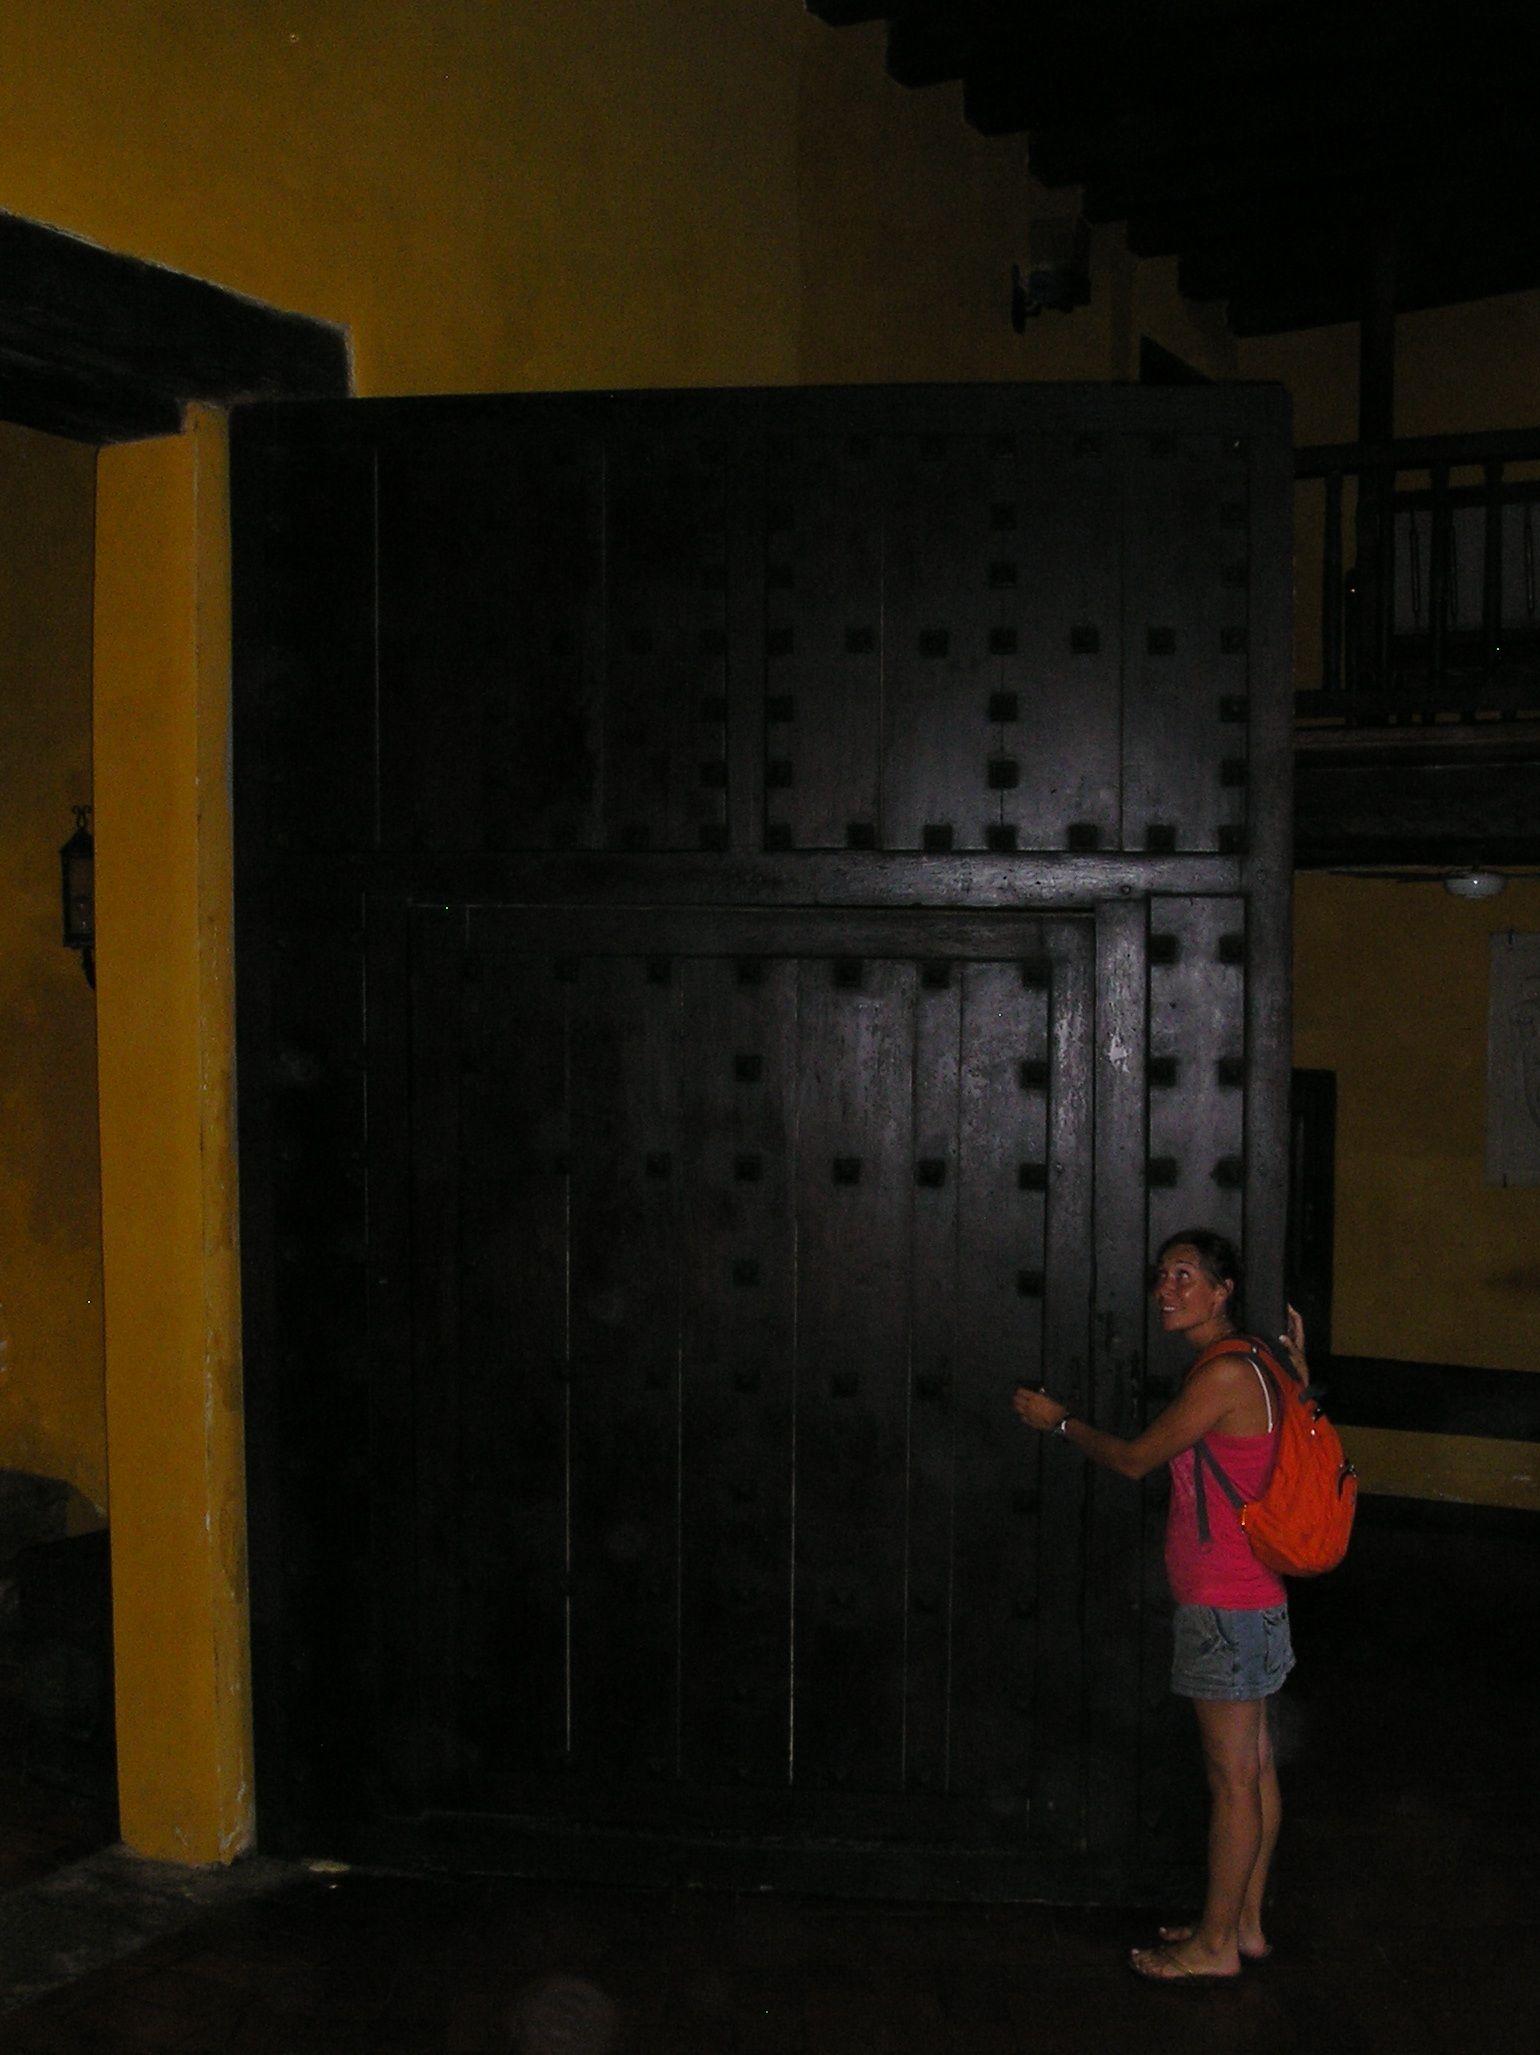 Una puerta hacia lo desconocido...